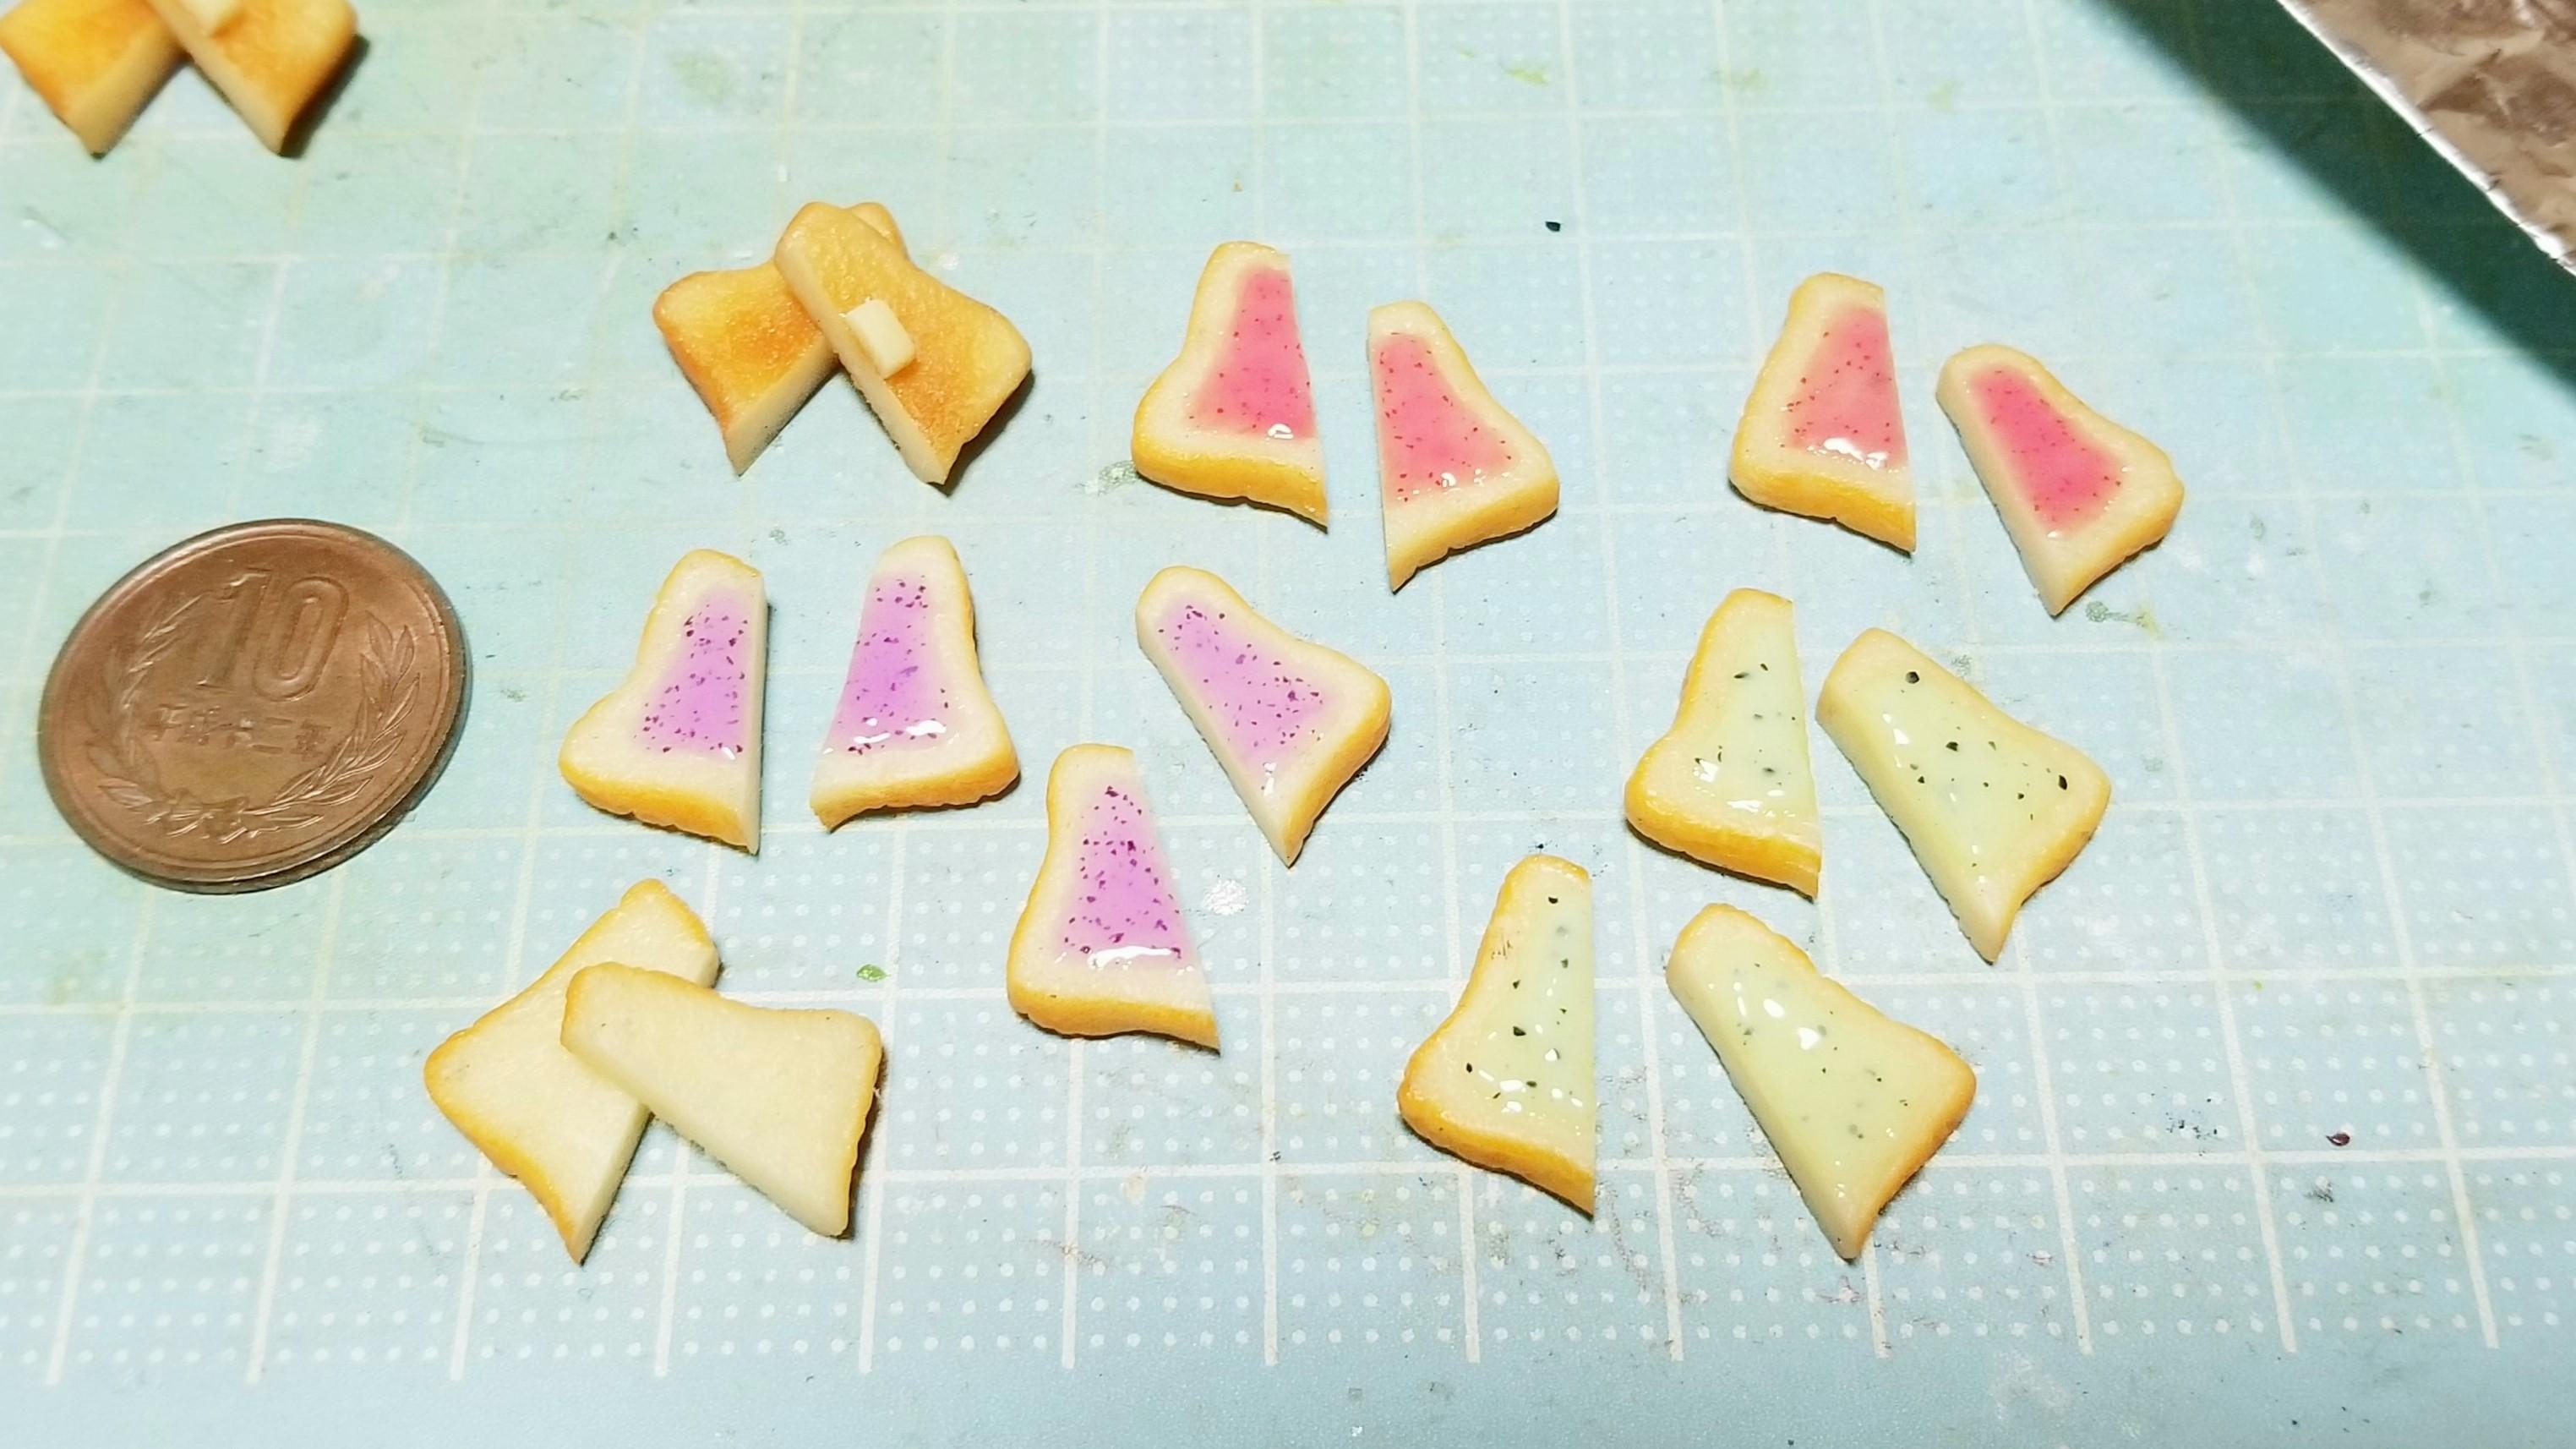 ミニチュアフード樹脂粘土食パントースト自作アートおすすめブログ